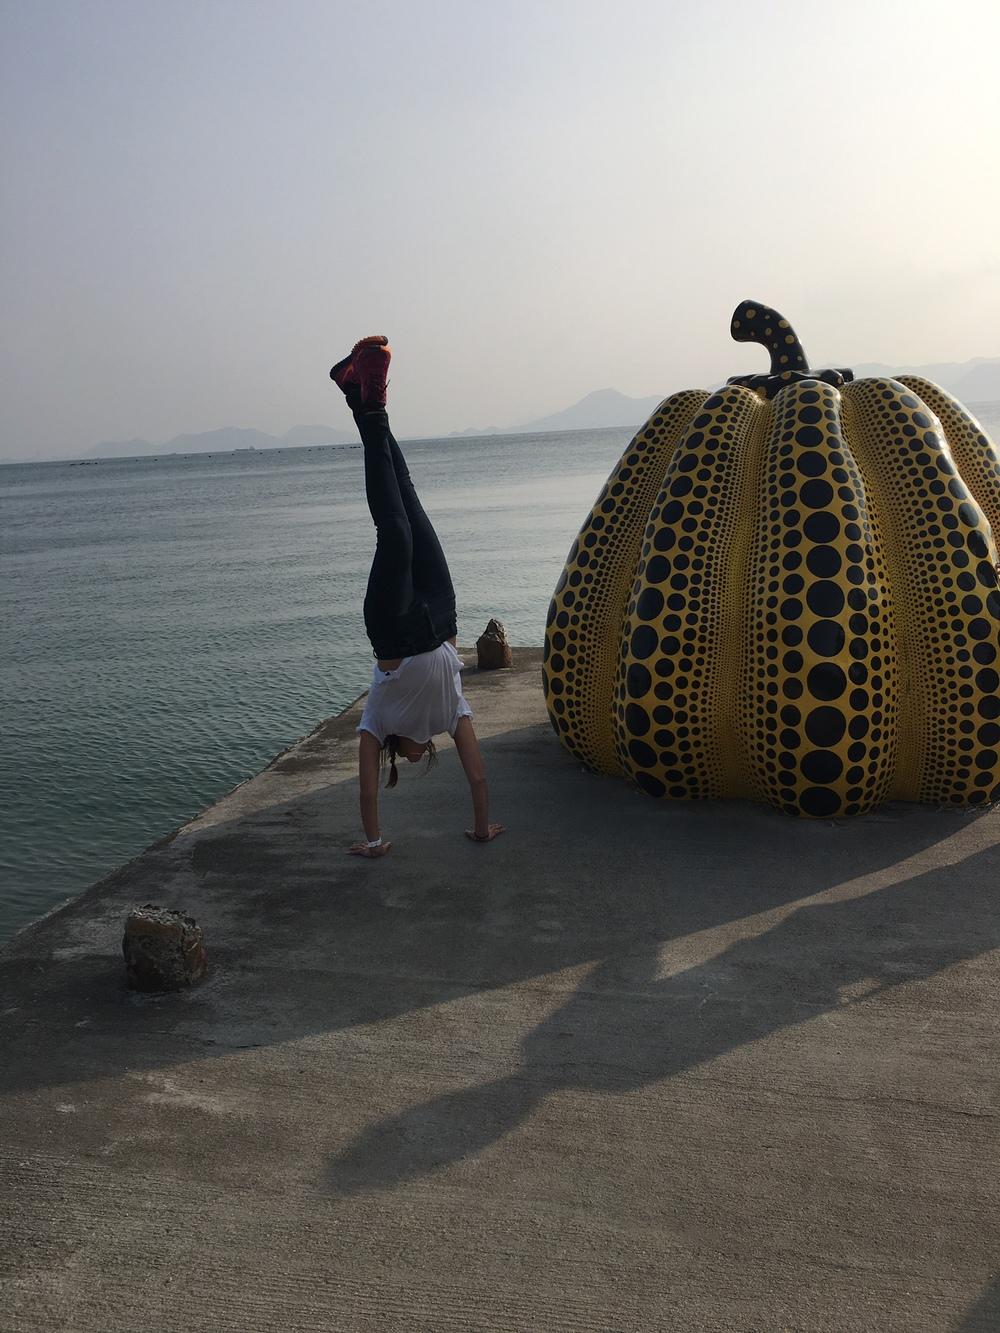 Handstands + Pumpkin